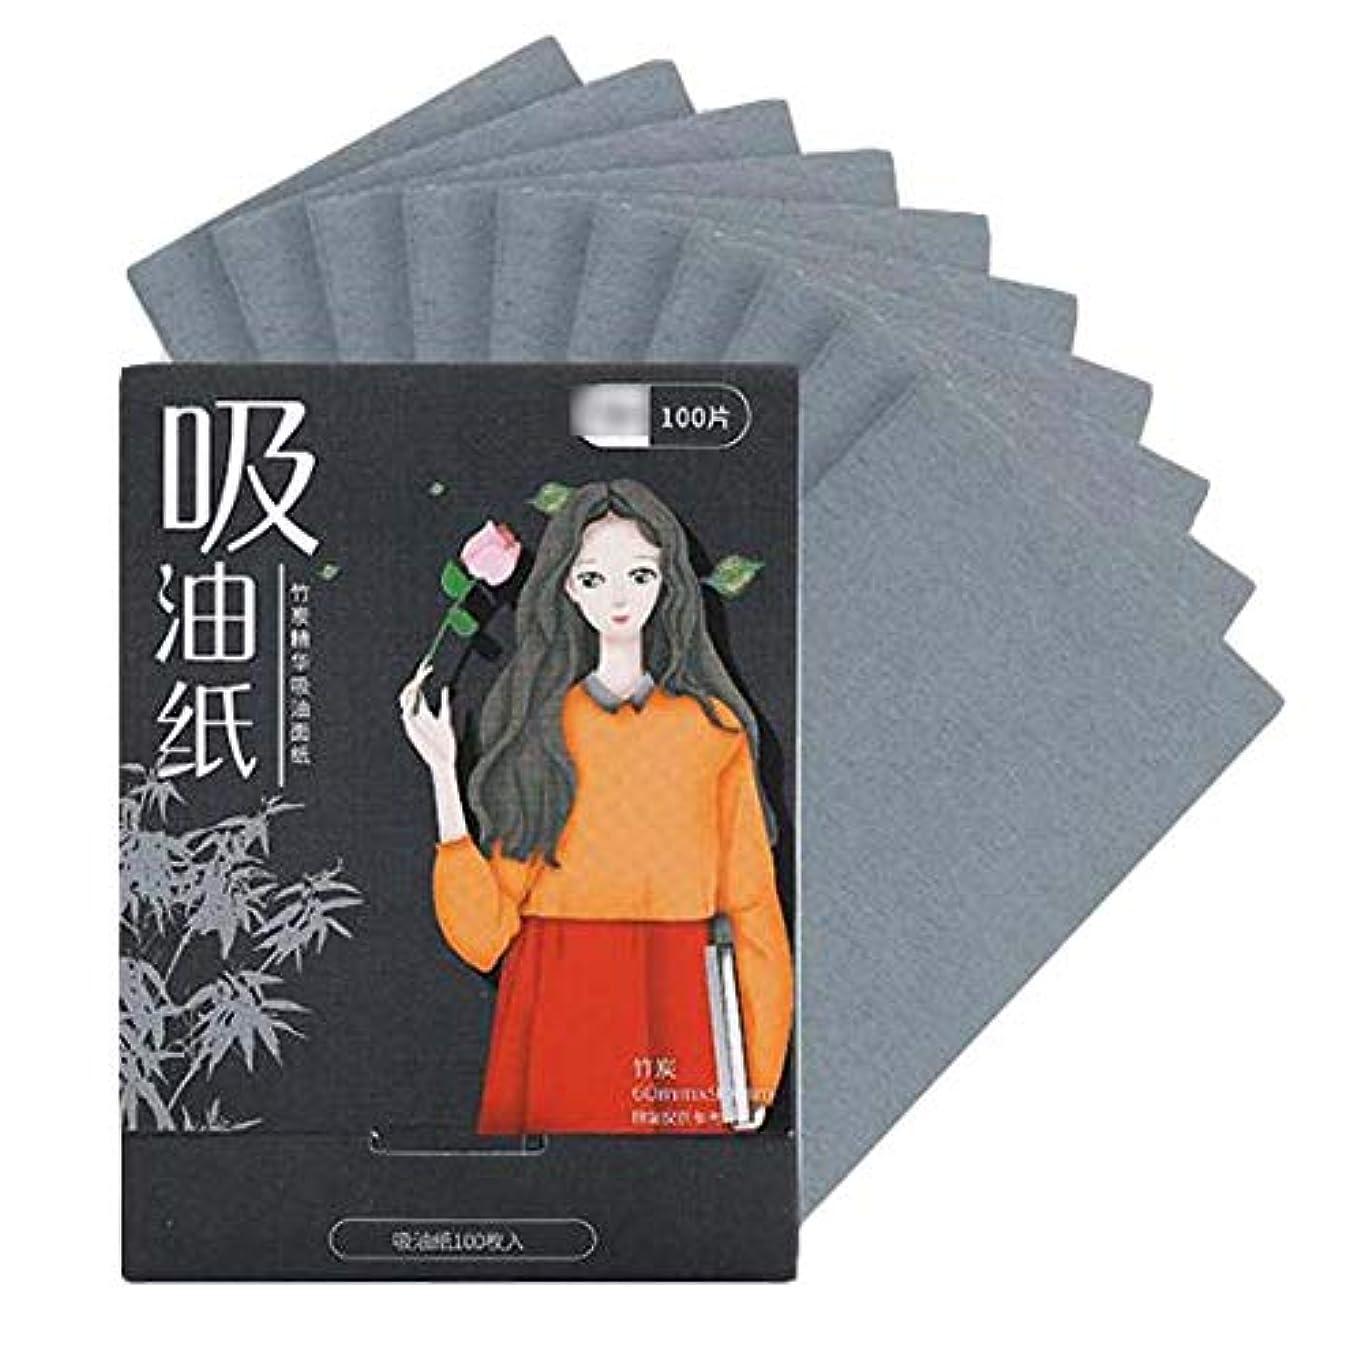 モスク一元化するベンチャー顔のための女性竹炭あぶらとり紙、200個